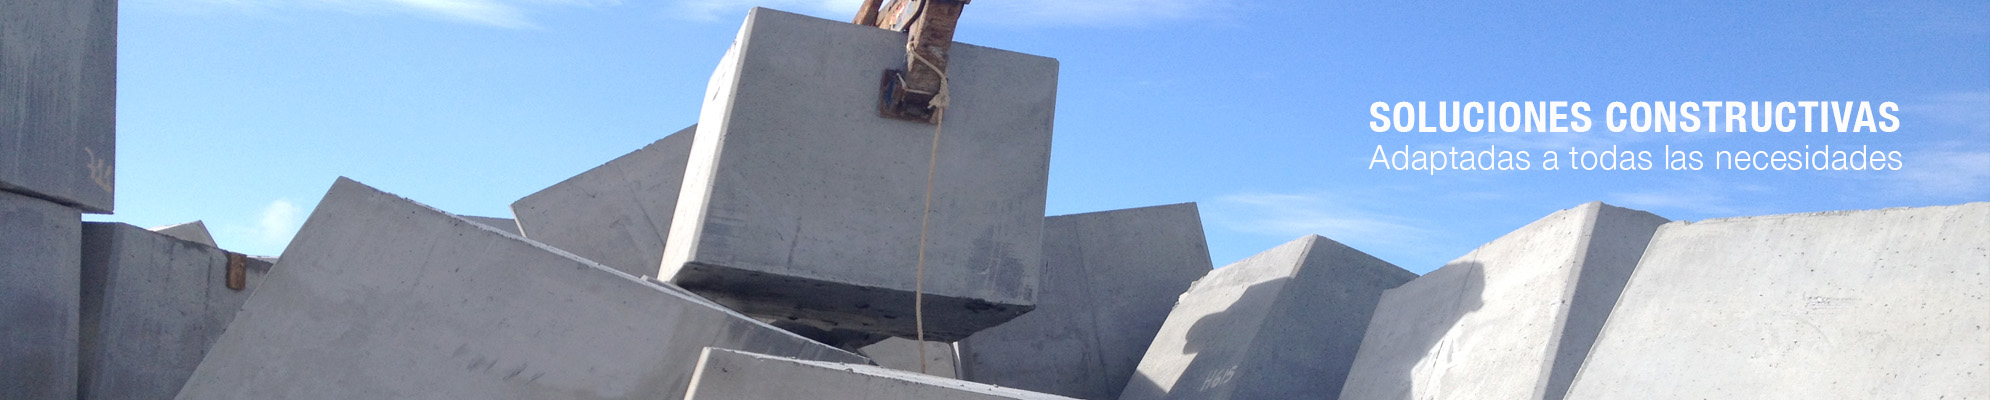 Bloques de hormigón para la construcción